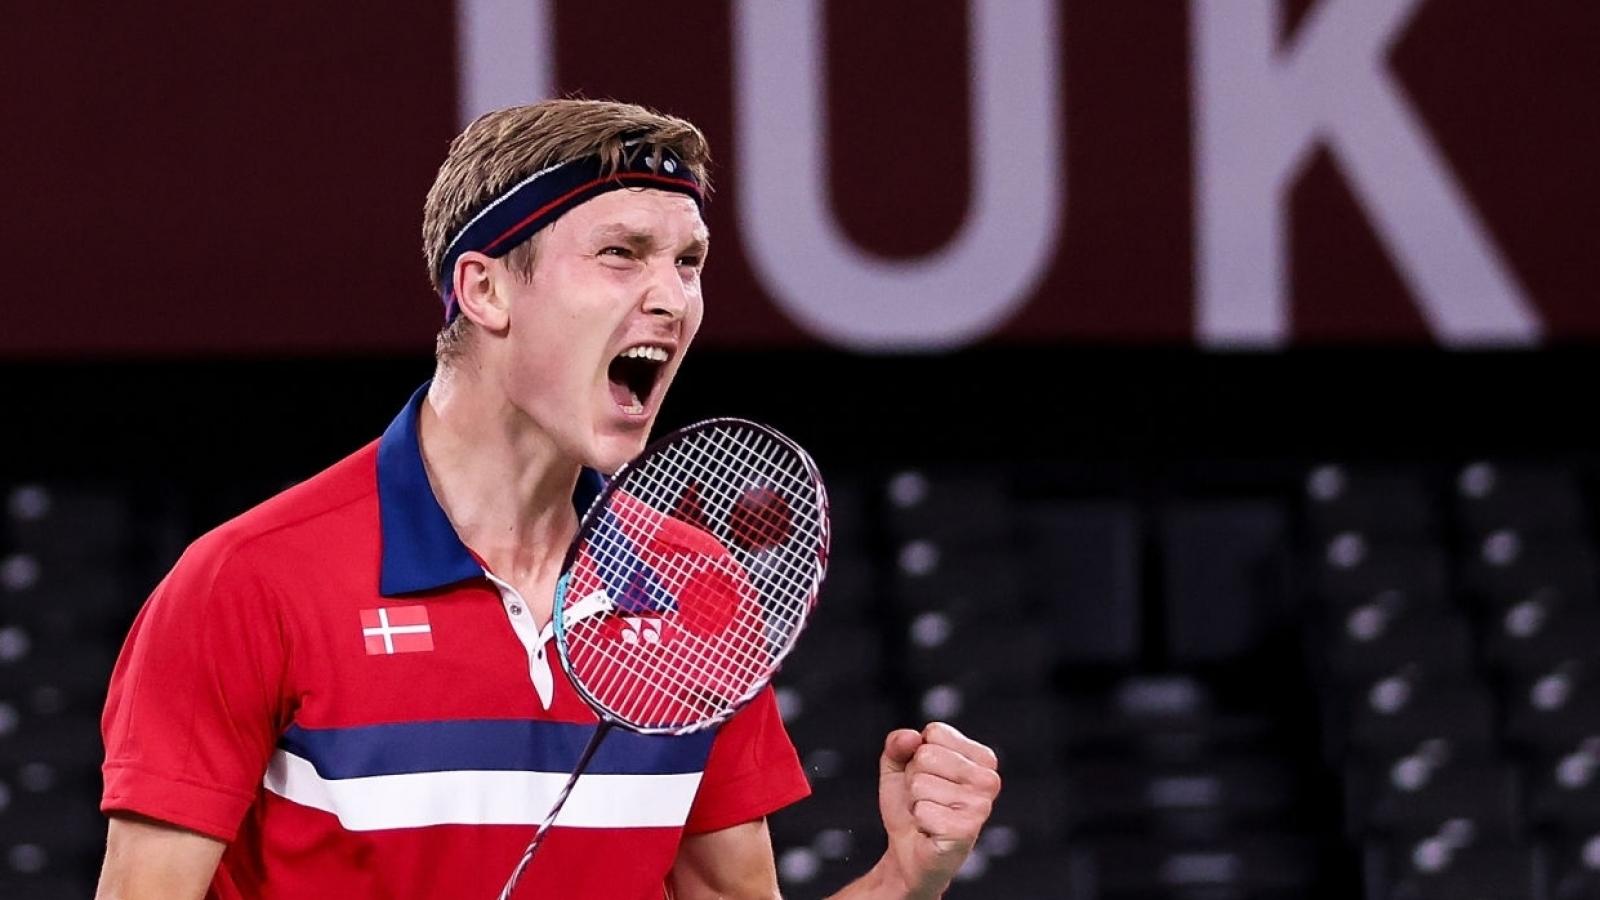 Bảng xếp hạng 10 tay vợt cầu lông xuất sắc nhất thế giới: Viktor Axelsen đứng thứ 2